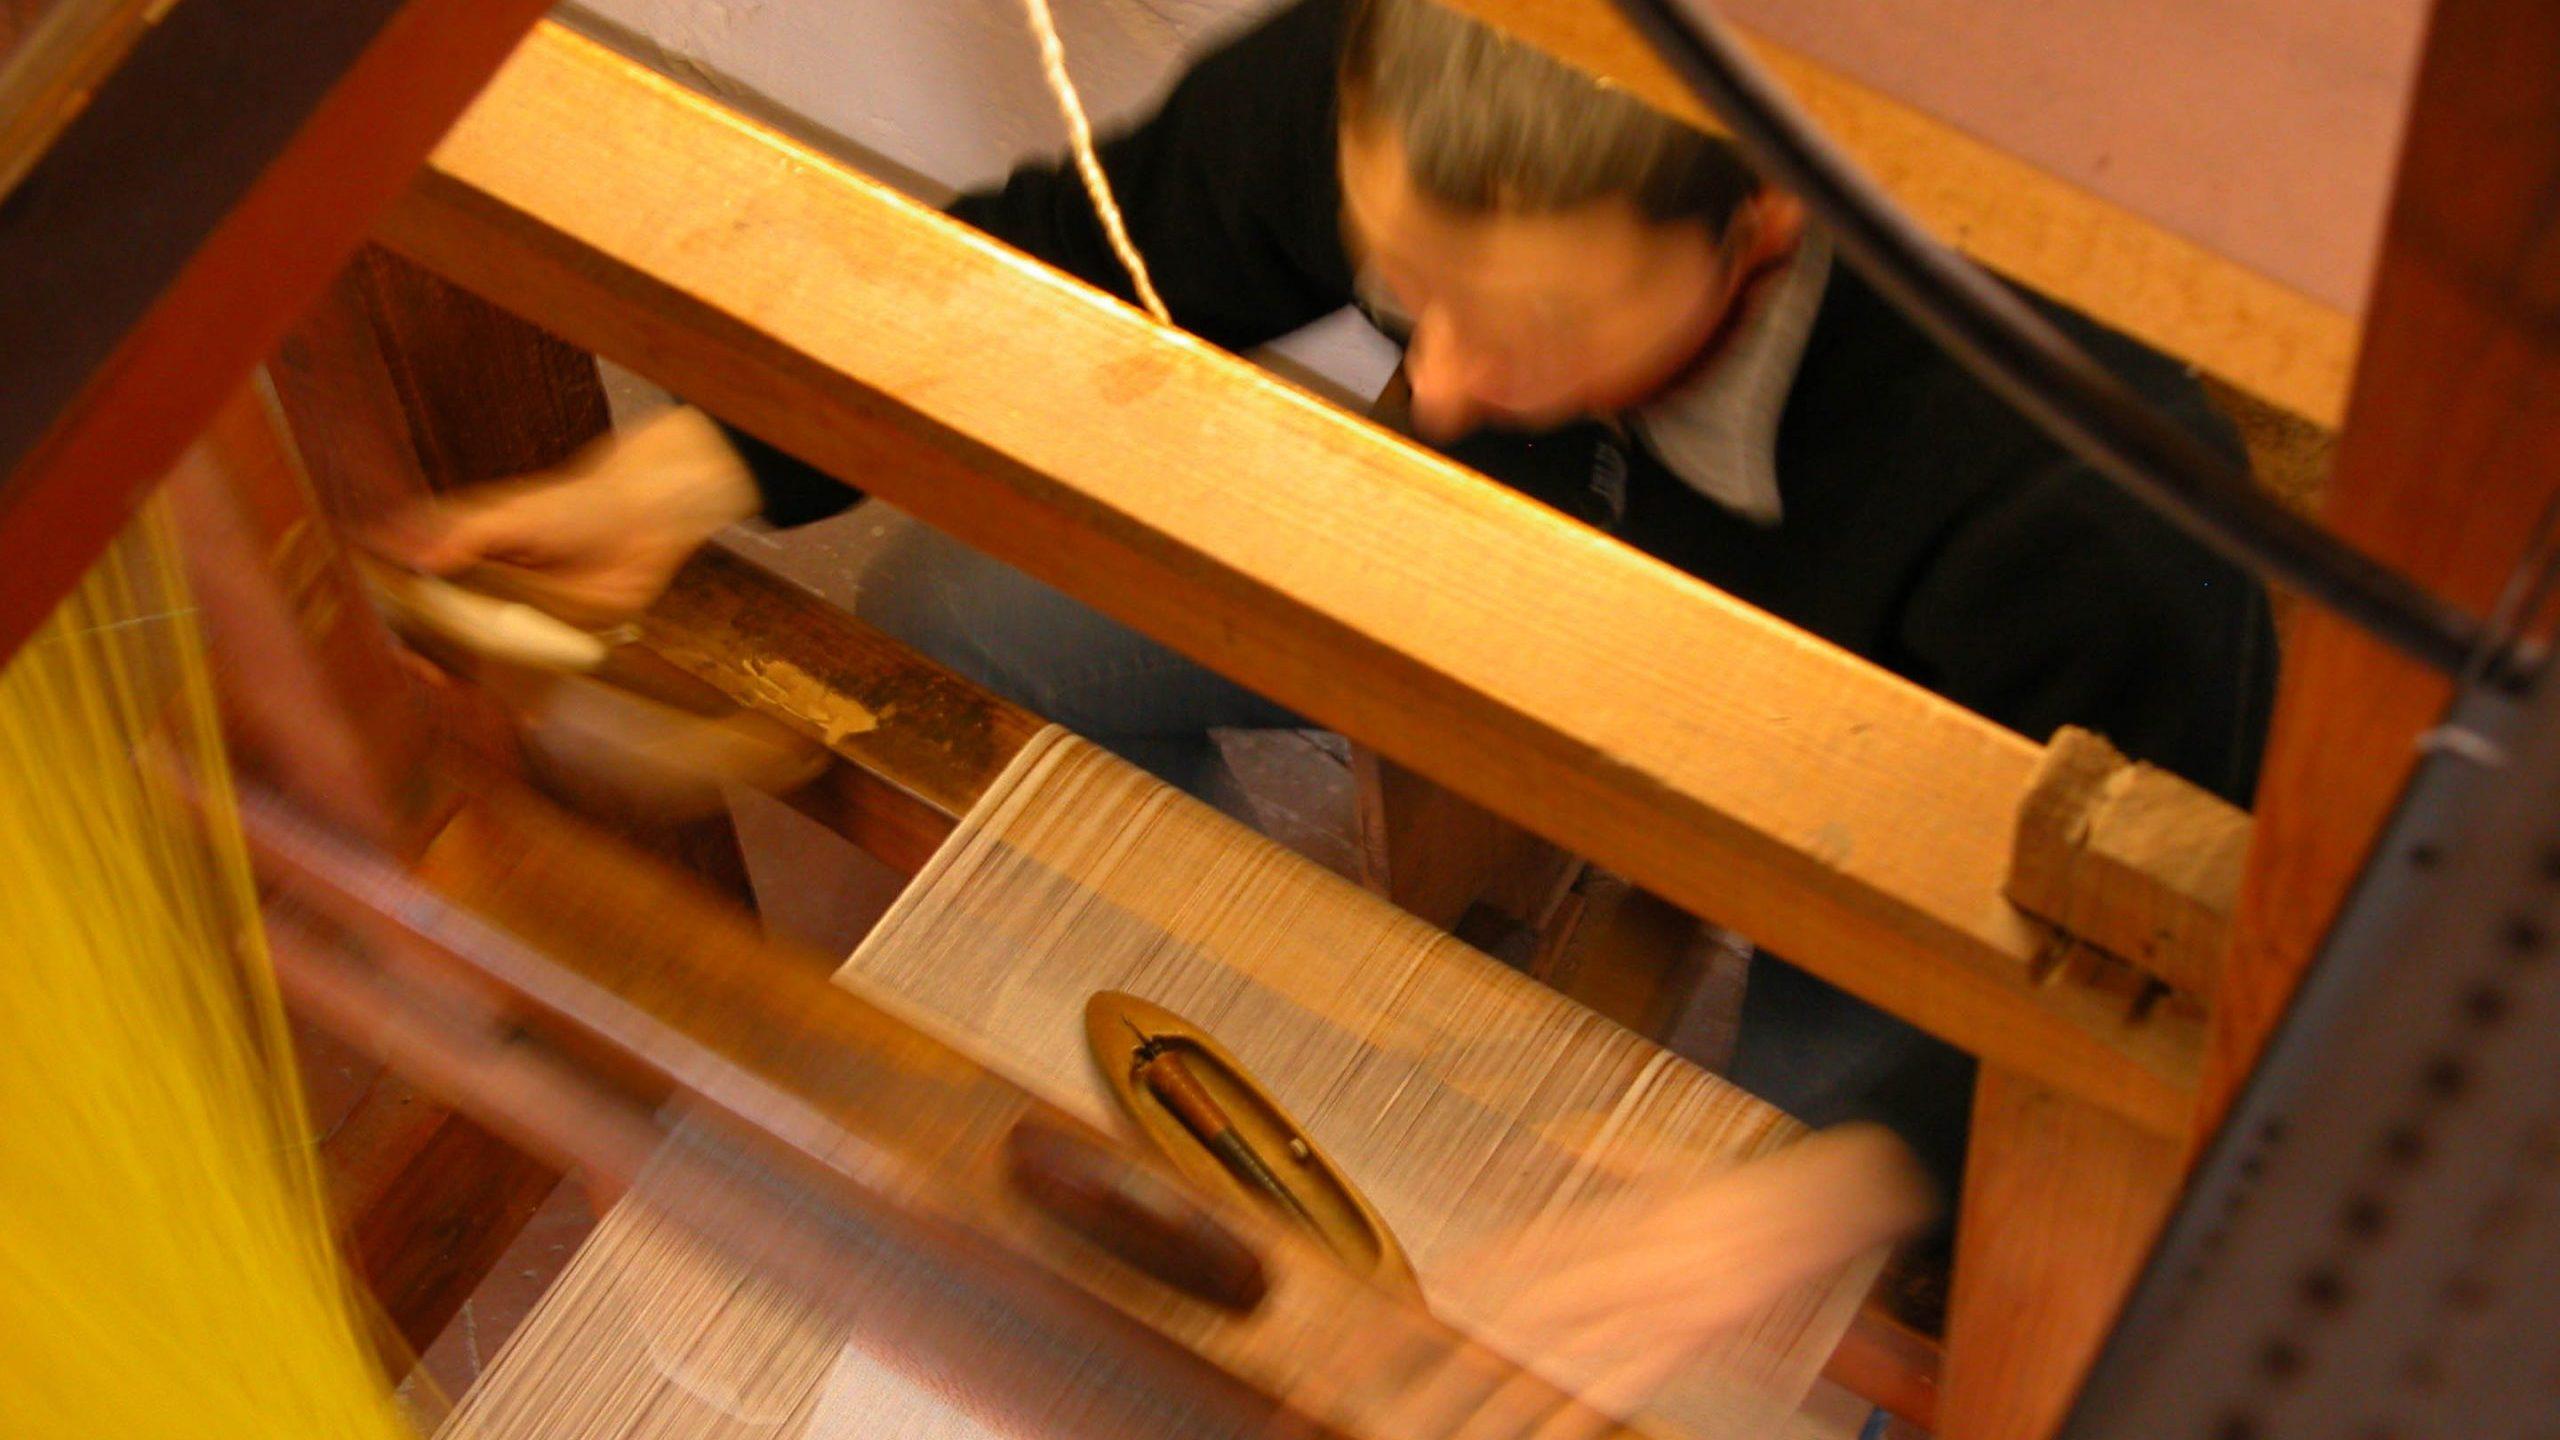 Creations - Giuditta Brozzetti Museum Atelier  - Perugia, Umbria